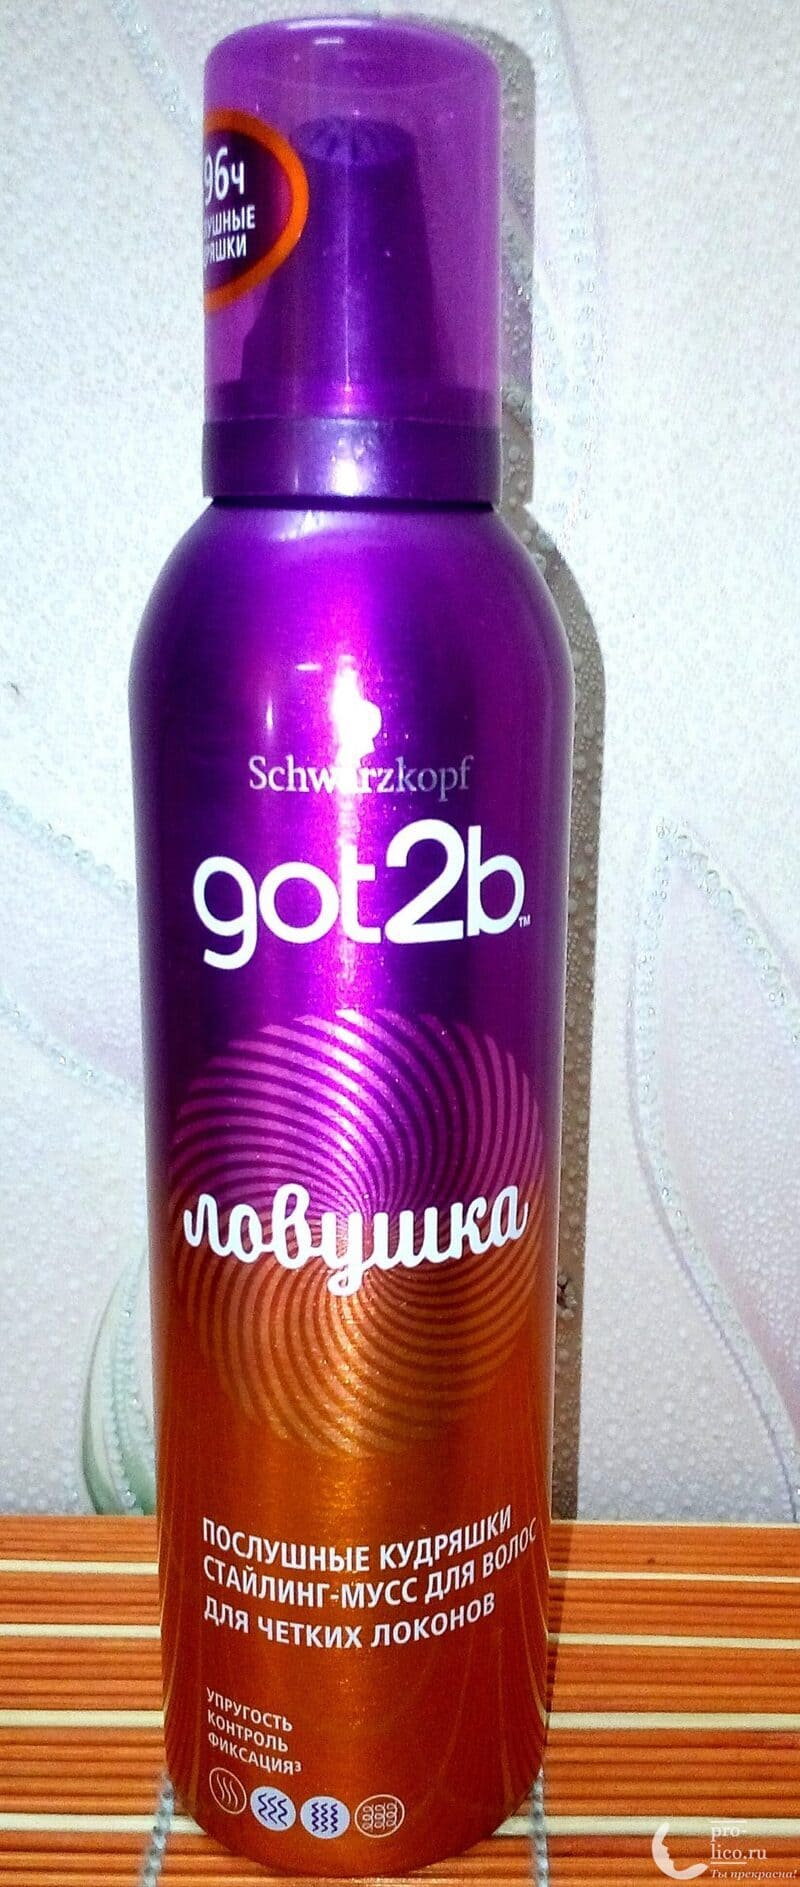 Got24 «Ловушка» - послушные кудряшки Стайлинг-мусс для волос для четких локонов